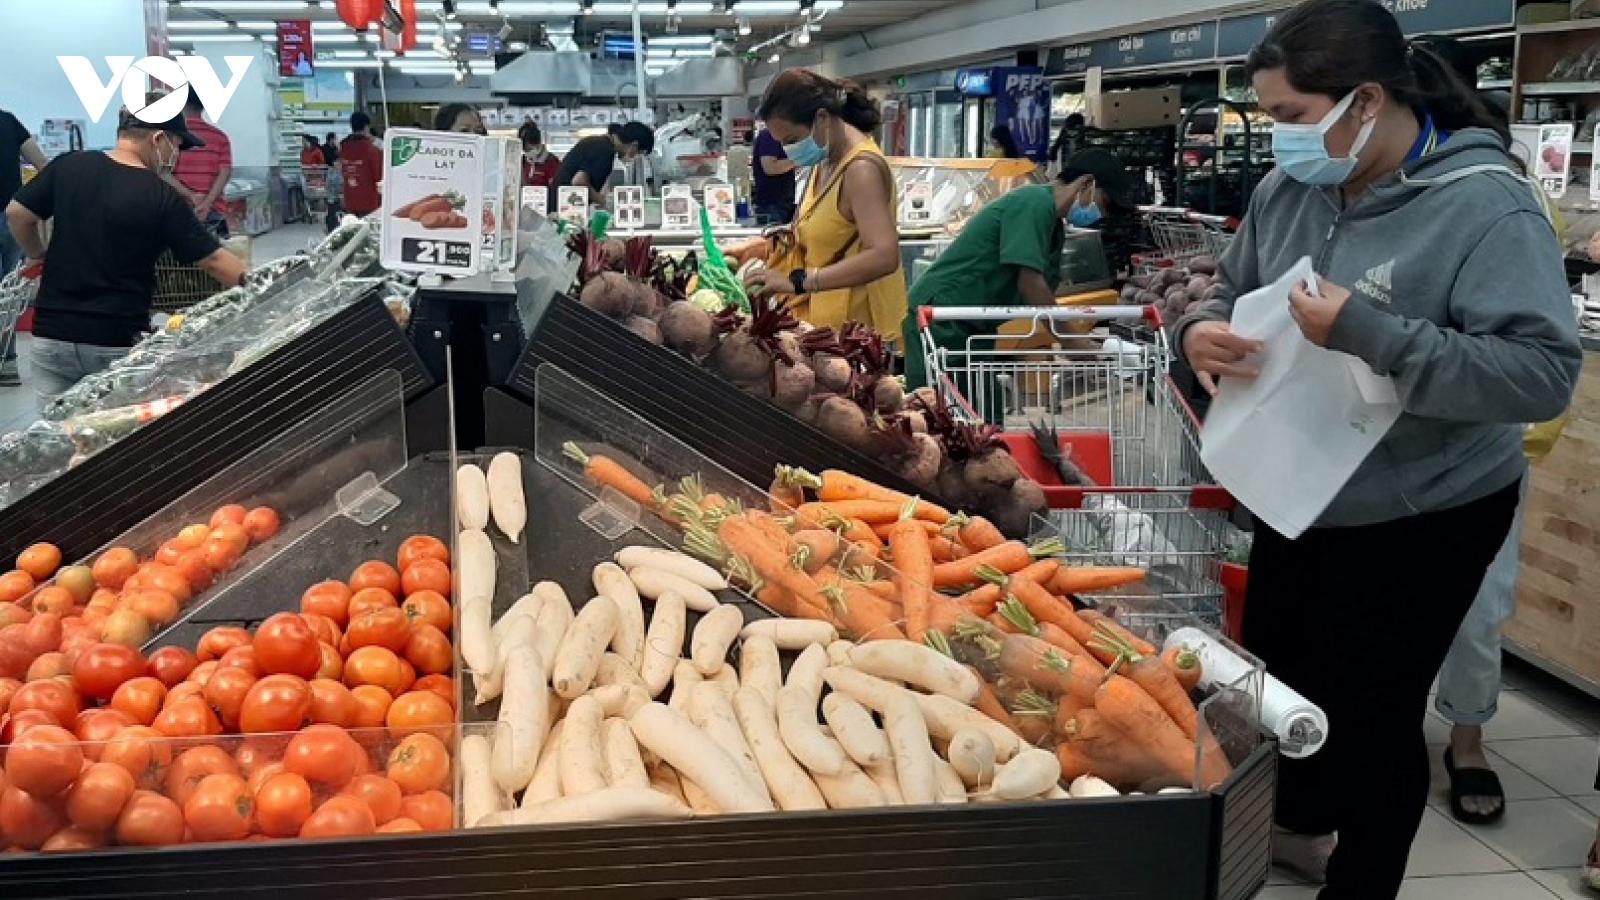 Doanh nghiệp và người dân chung tay tăng nguồn cung thực phẩm cho TP.HCM